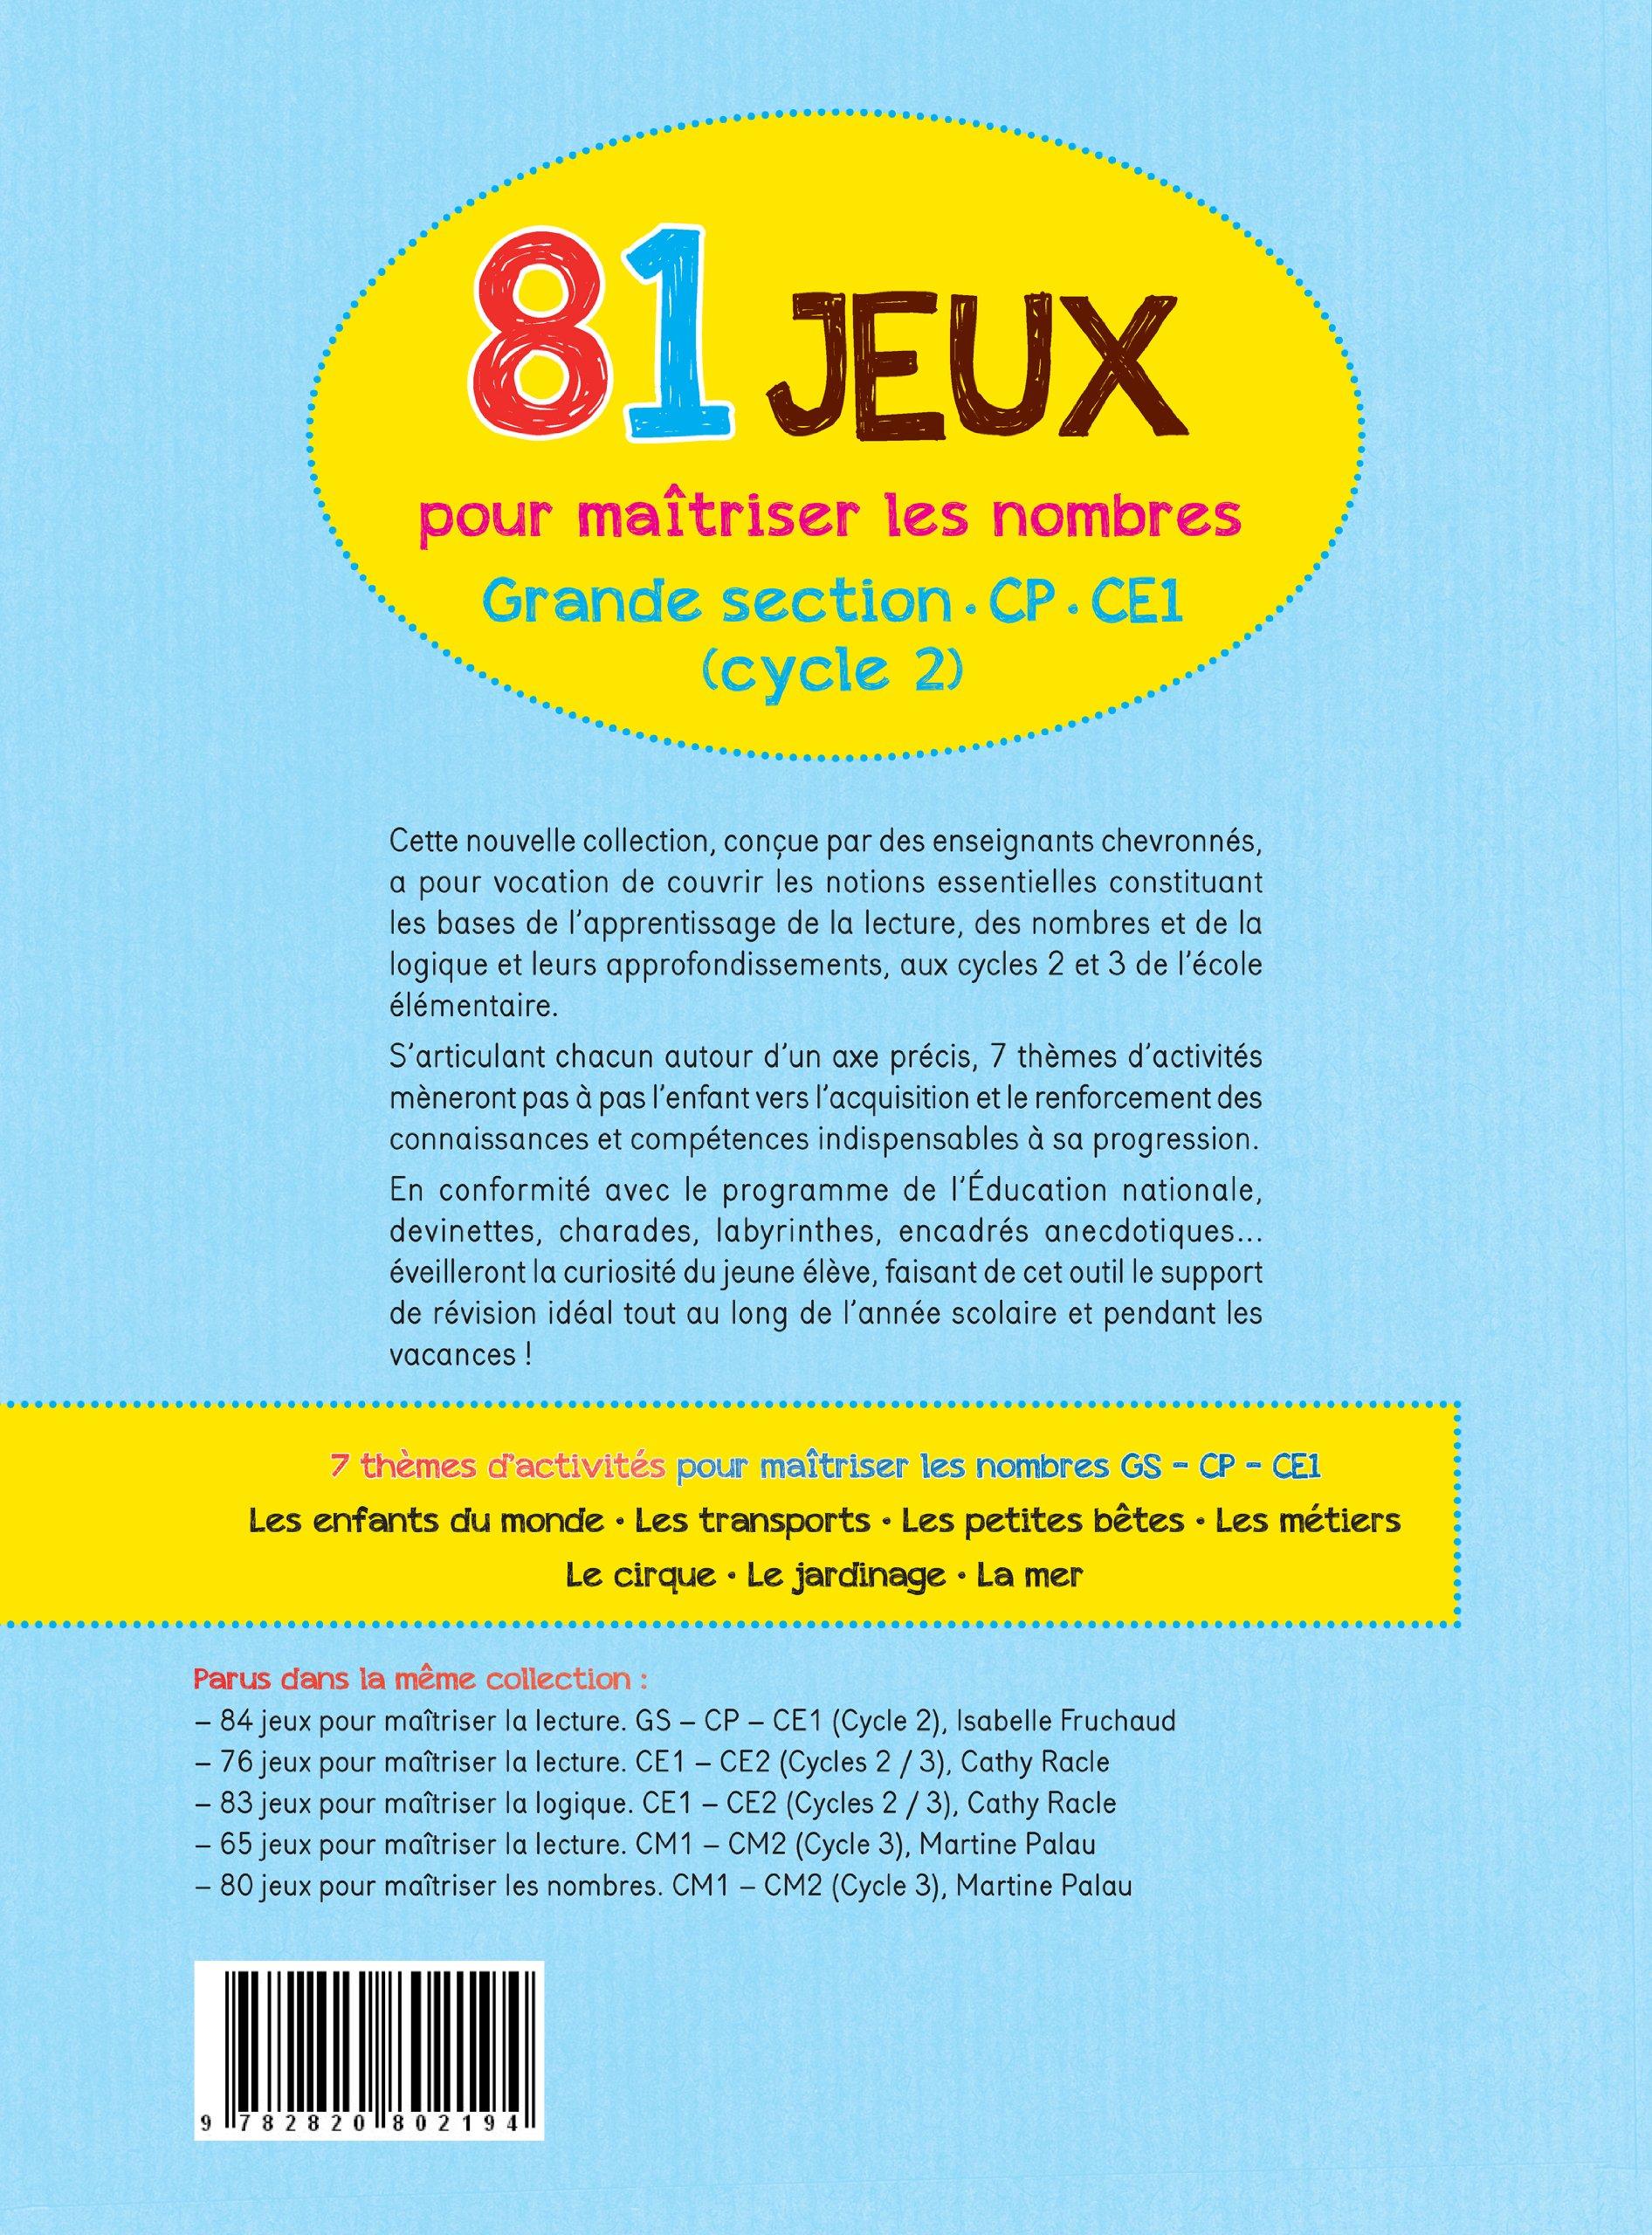 94 Outil De Jardinage. Simple Ribiland Balai Nettoie Tout With 94 ...